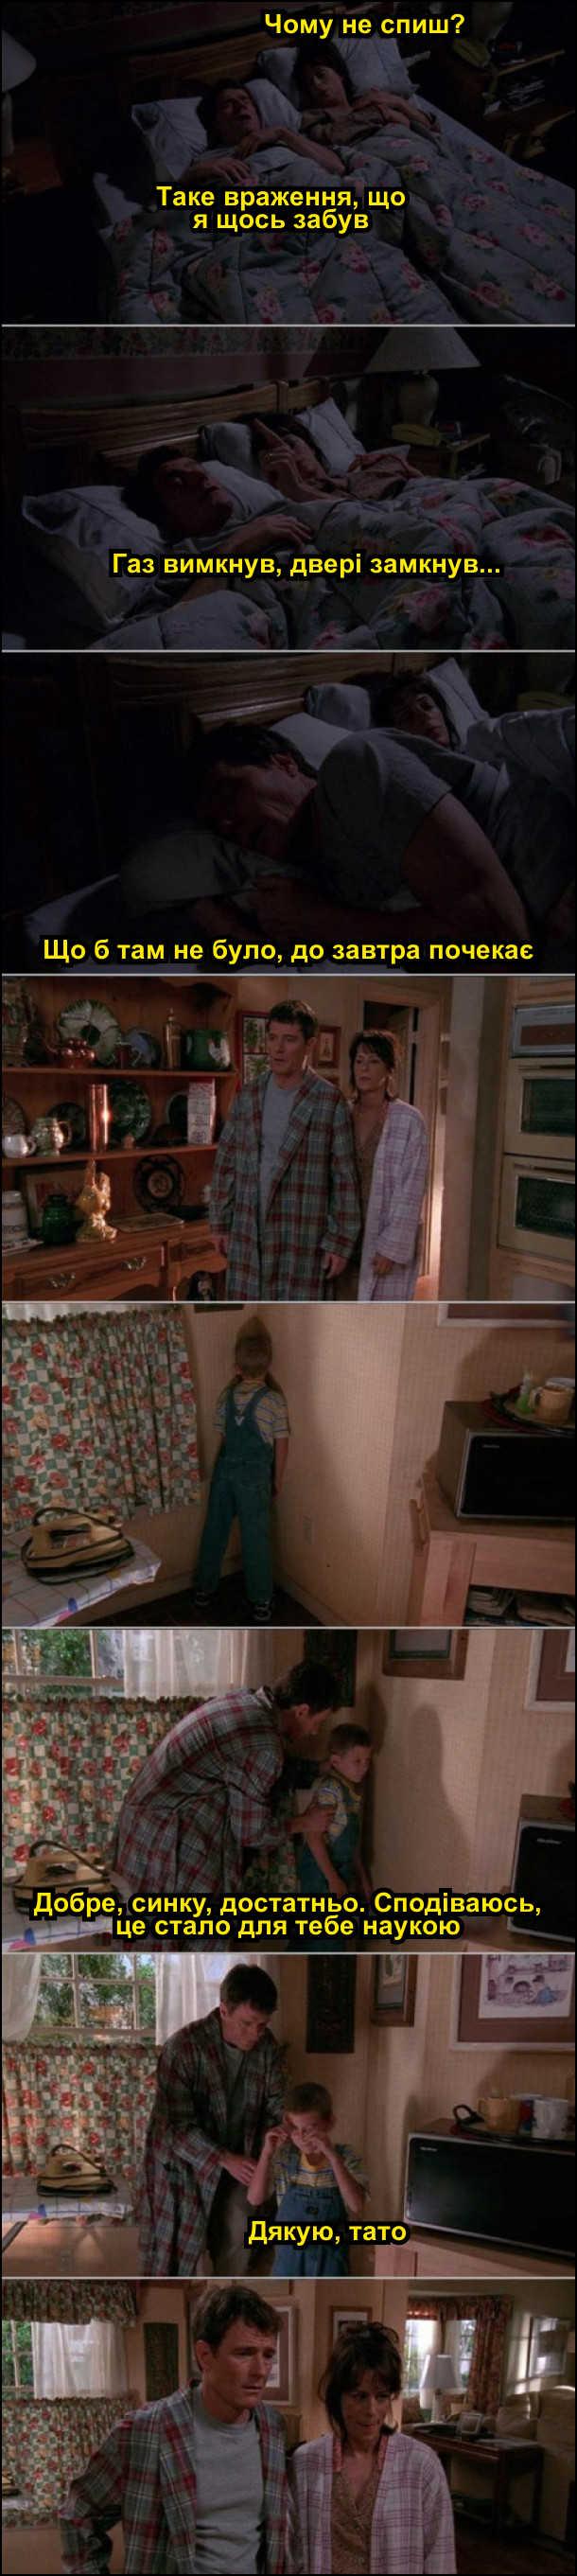 В ліжку лежить подружжя. Дружина: - Чому не спиш. Чоловік: - Таке враження, що я щось забув. Газ вимкнув, двері замкнув... Що б там не було, до завтра почекає. Зранку вони встали і побачили сина в кутку, якого вони звечора покарали. Чоловік: - Добре, синку, достатньо. Сподіваюсь, це стало для тебе наукою. Син: - Дякую, тато